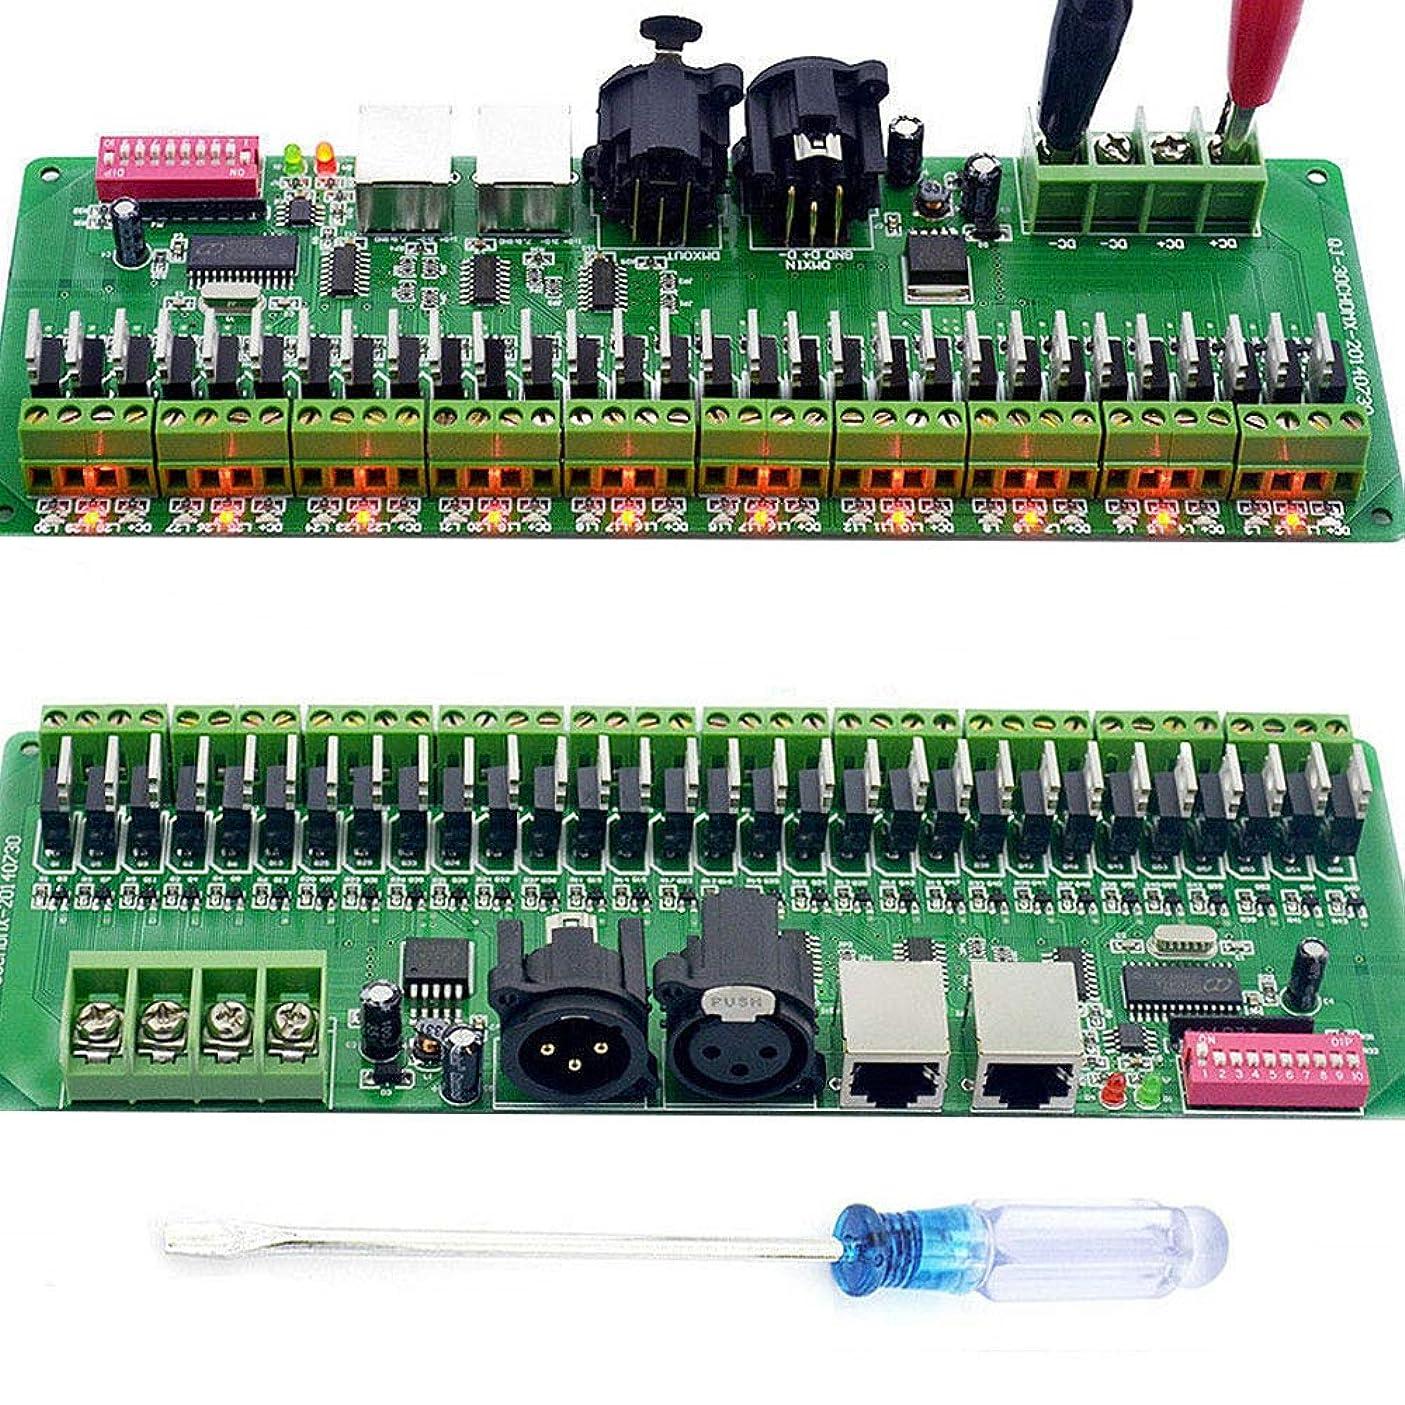 アレルギー性用心するエッセンスSZT DMX512 コントローラー 舞台照明調光コントローラー プロ DJ ステージライト led 制御センター 192チャンネル スポットライト ダンスホール パブ 結婚式 ステージ用